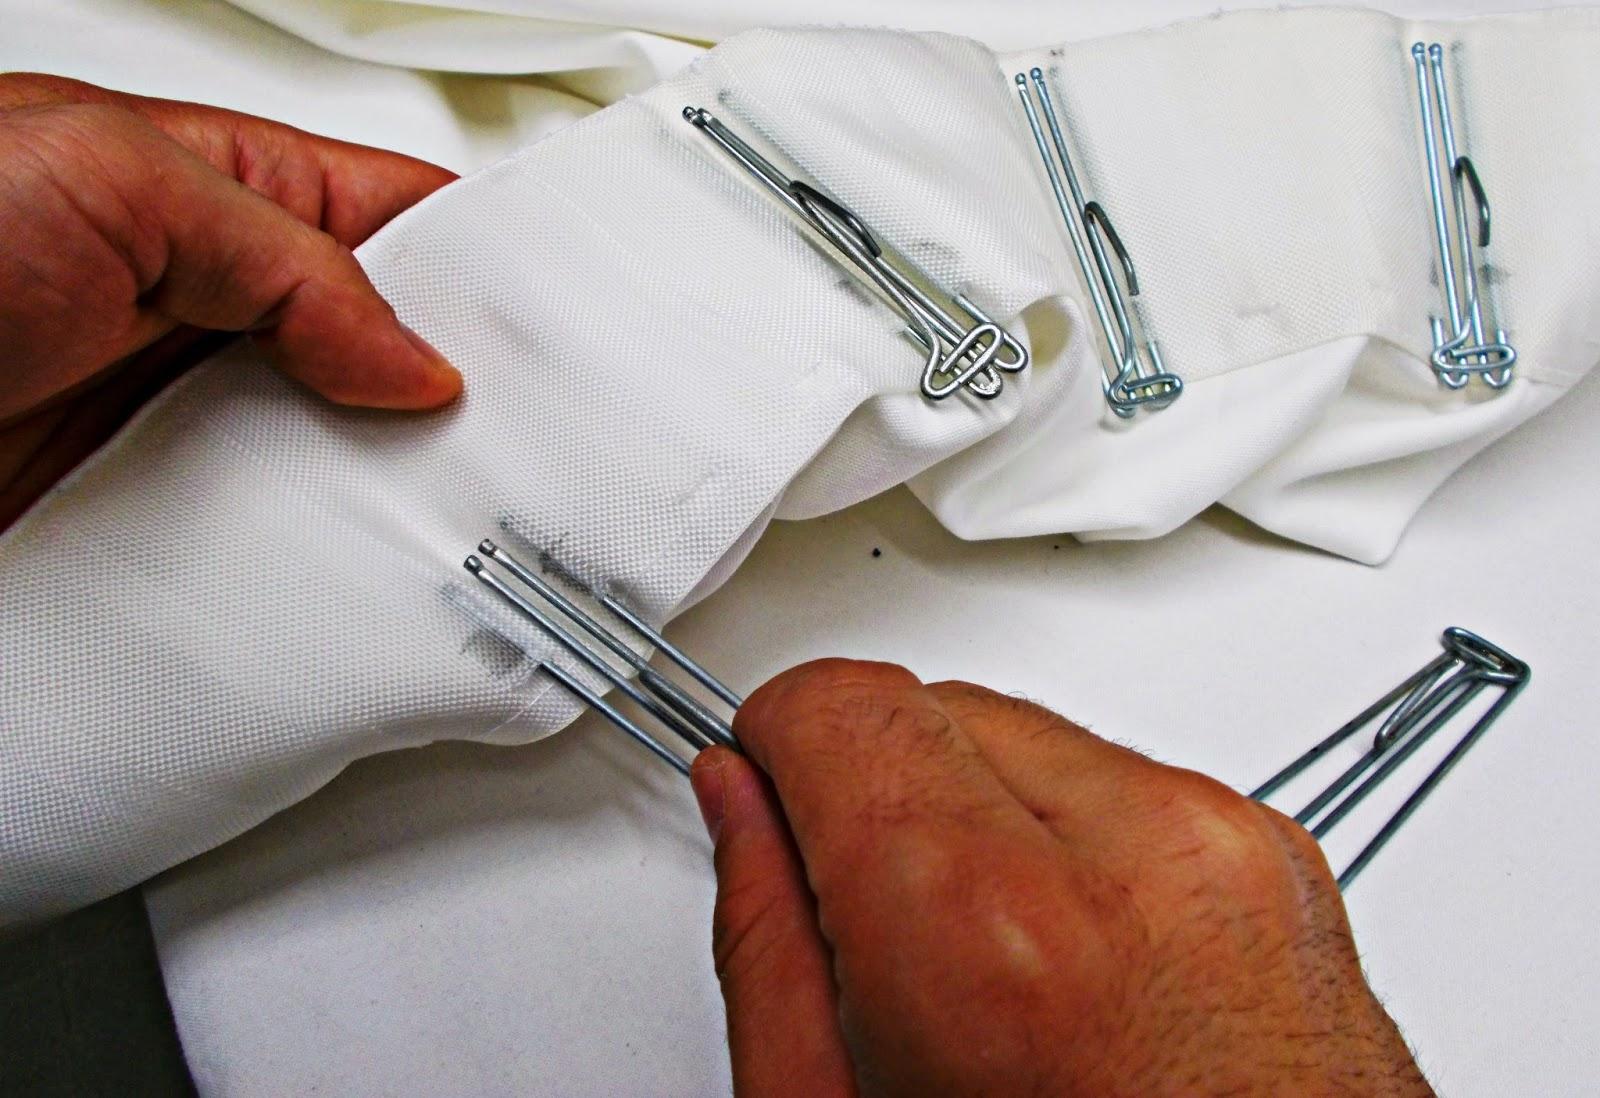 DIY-árbol navidad-textil-coser-costura-pasoapaso-recuerdos-vintage-fotografía-DIYviertete-blogersando-diciembre- (1)gif8